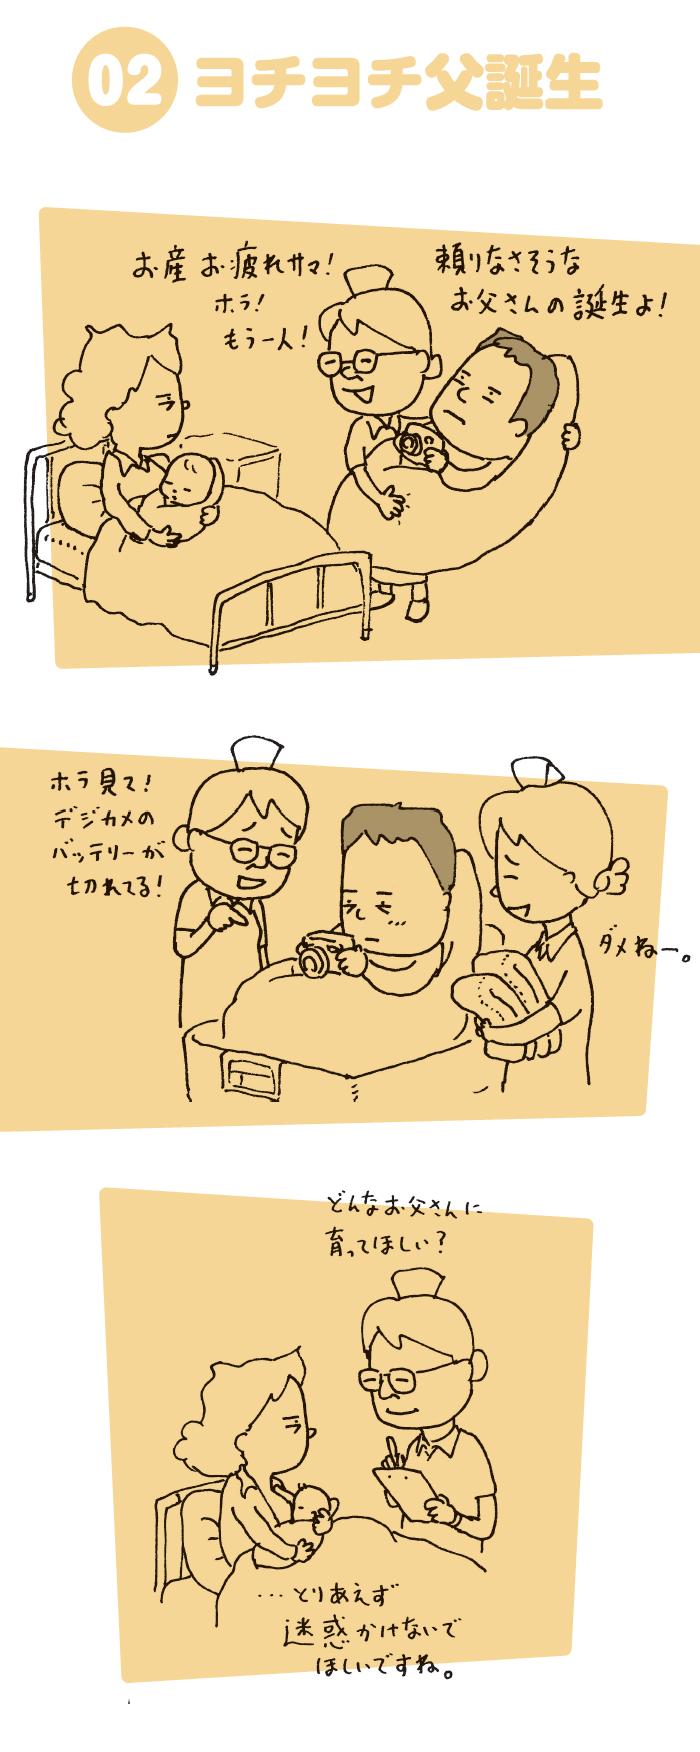 パパは共感、ママは落胆?!「ヨシタケシンスケ」さんの育児マンガが面白すぎる!の画像3